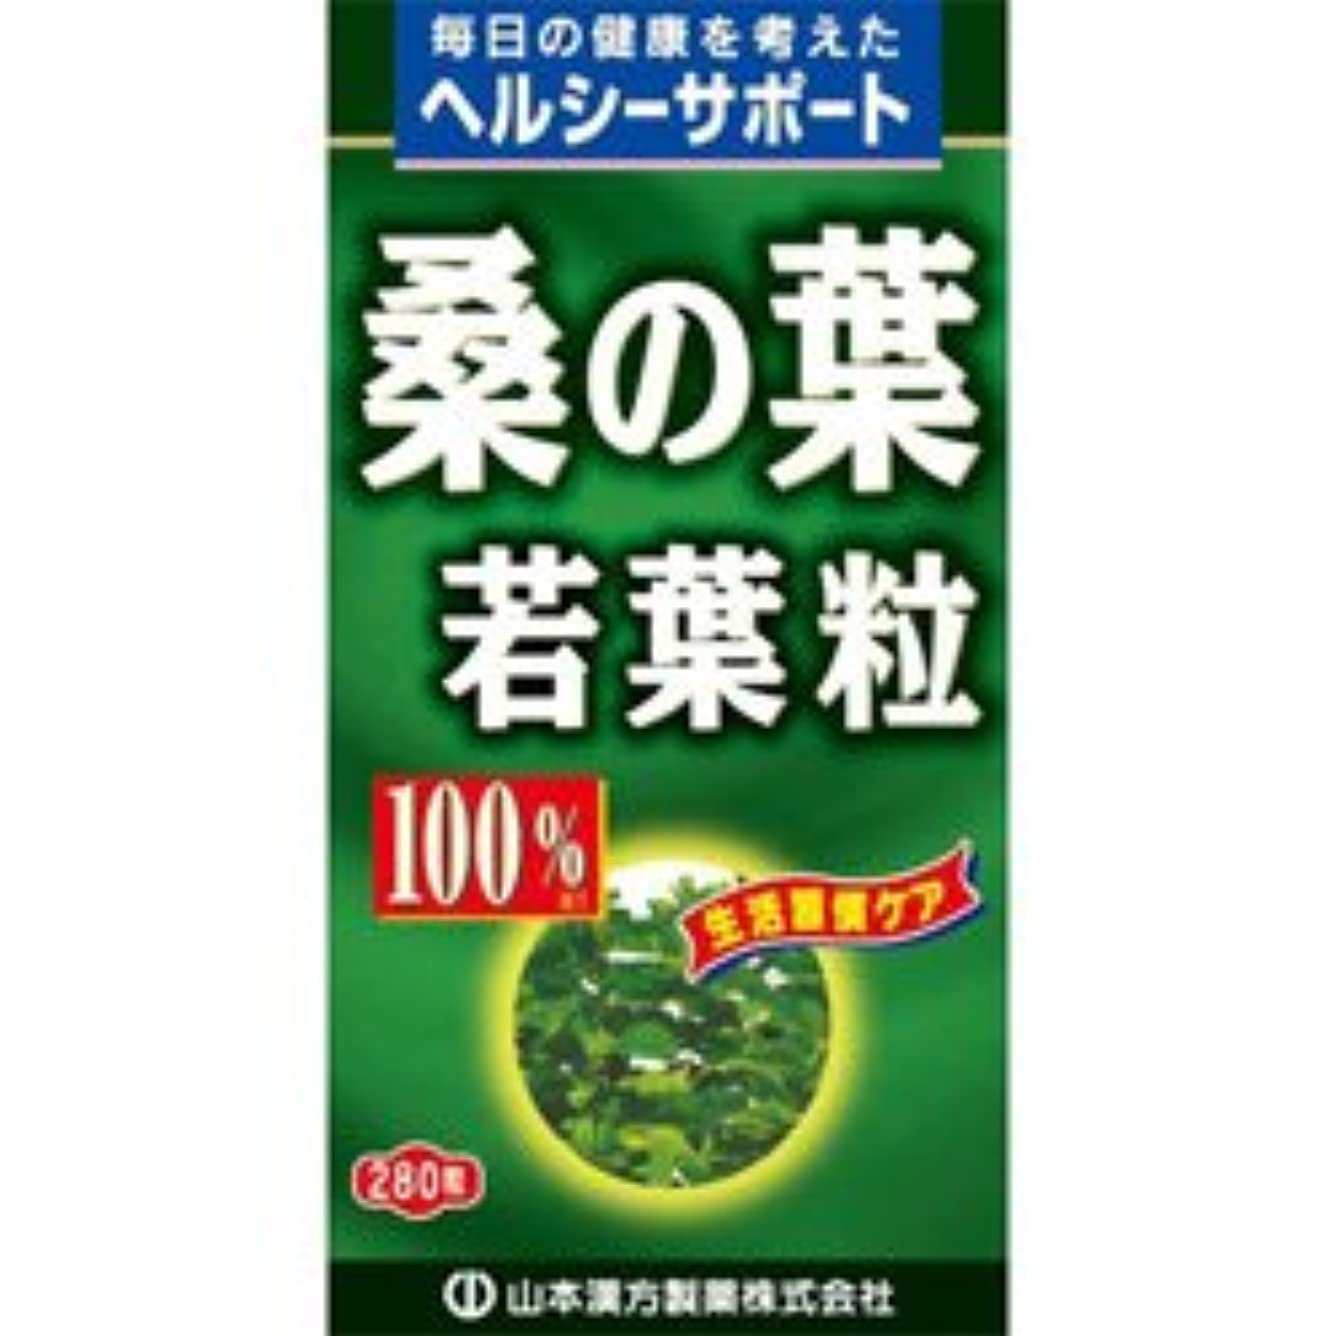 細い相互接続覚えている【山本漢方製薬】桑の葉粒 100% 280粒 ×10個セット